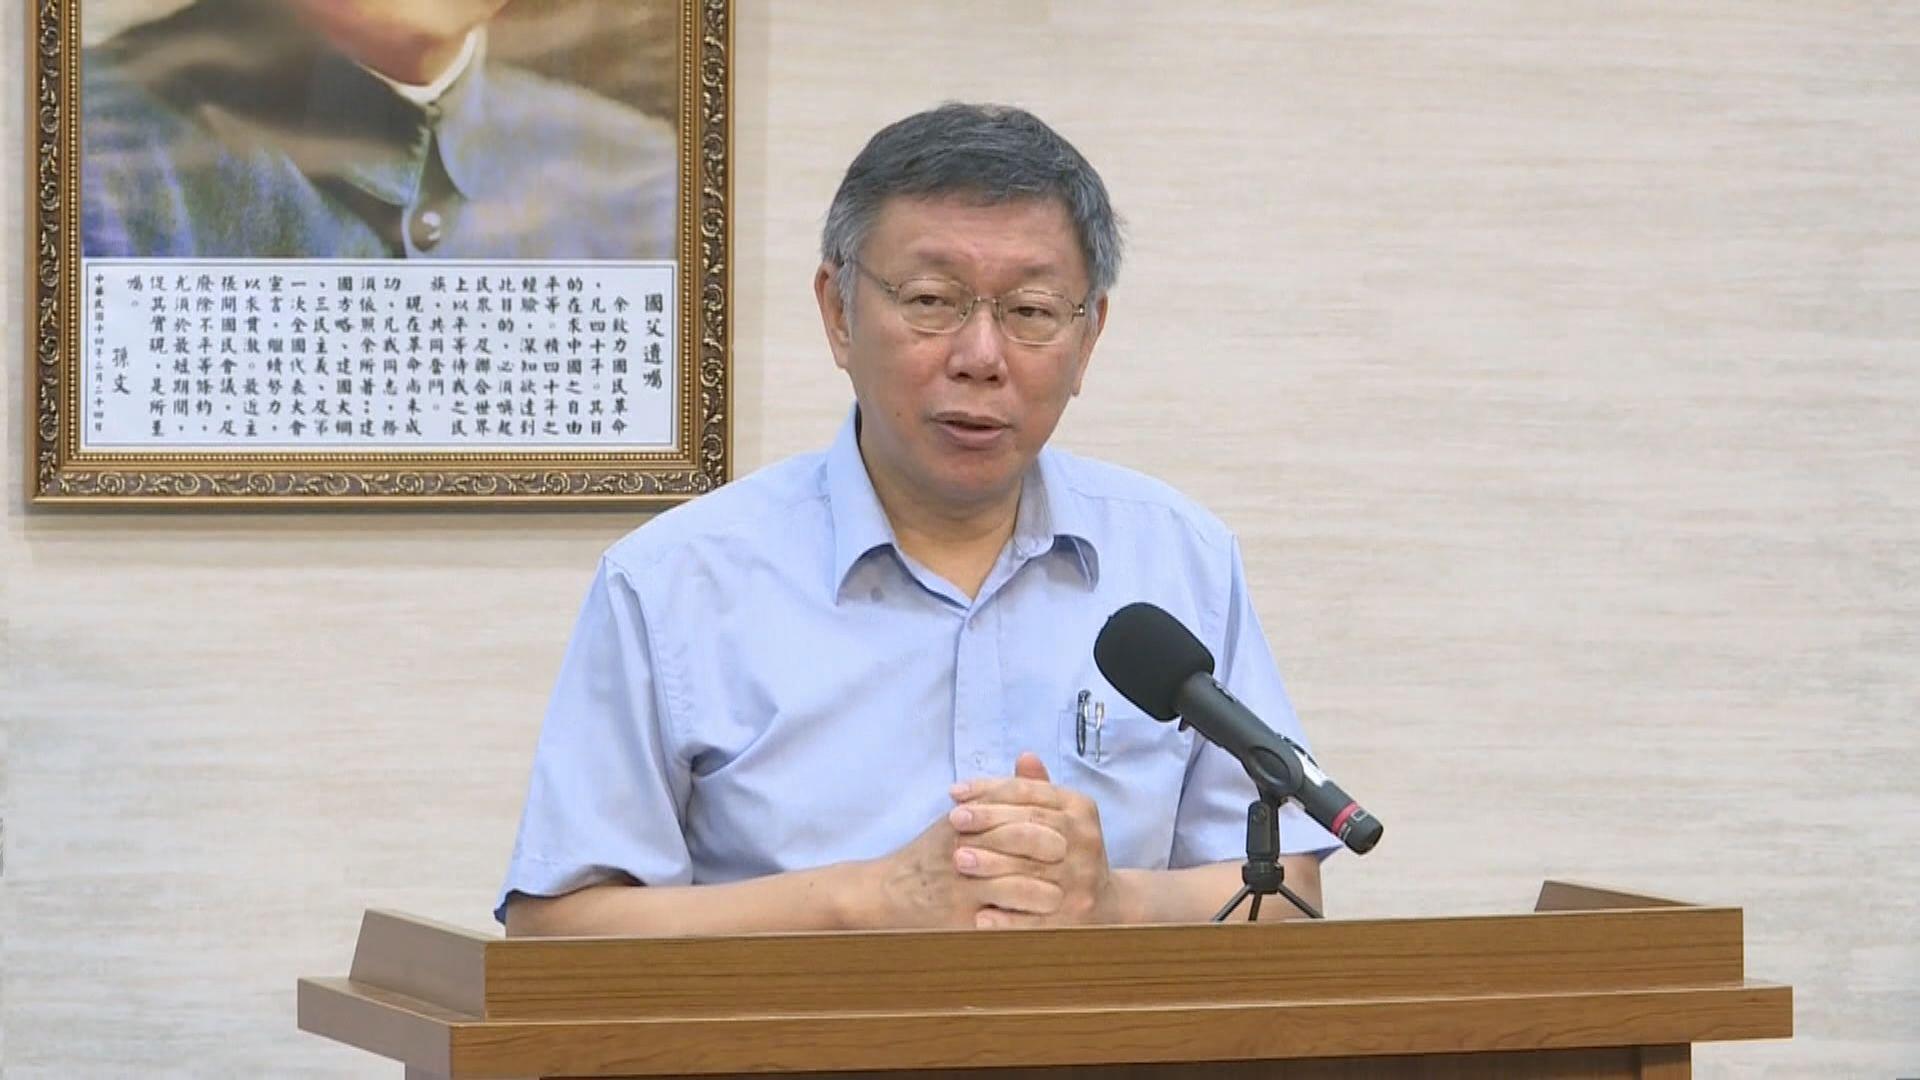 柯文哲籌組台灣民眾黨 冀成藍綠外選擇